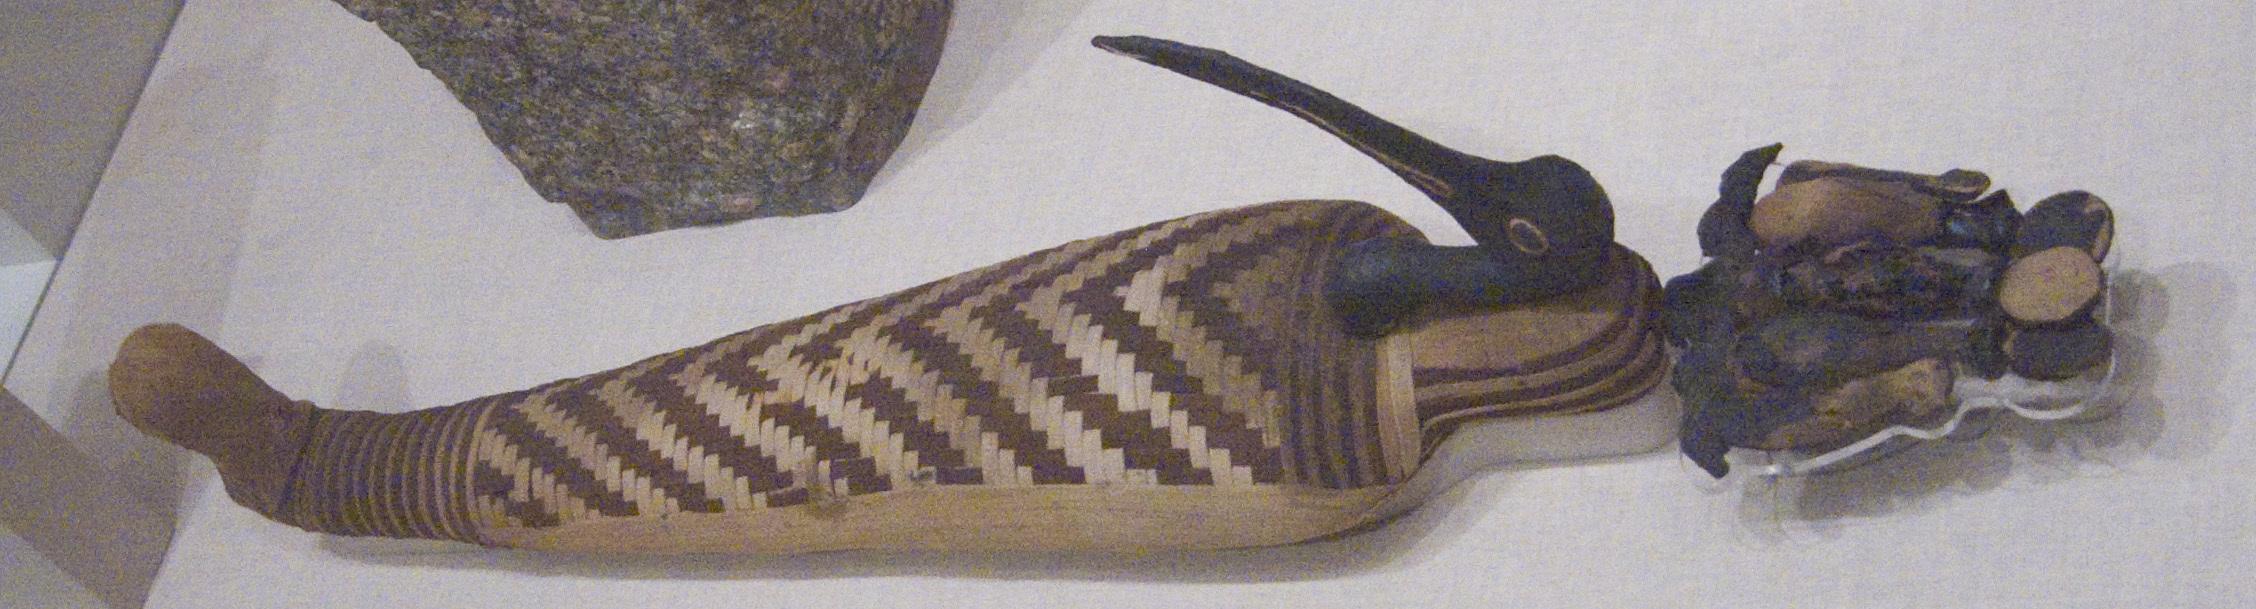 Milioane de mumii de animale au fost decsoperite în Egipt, multe dintre ele fiind mumii de ibis